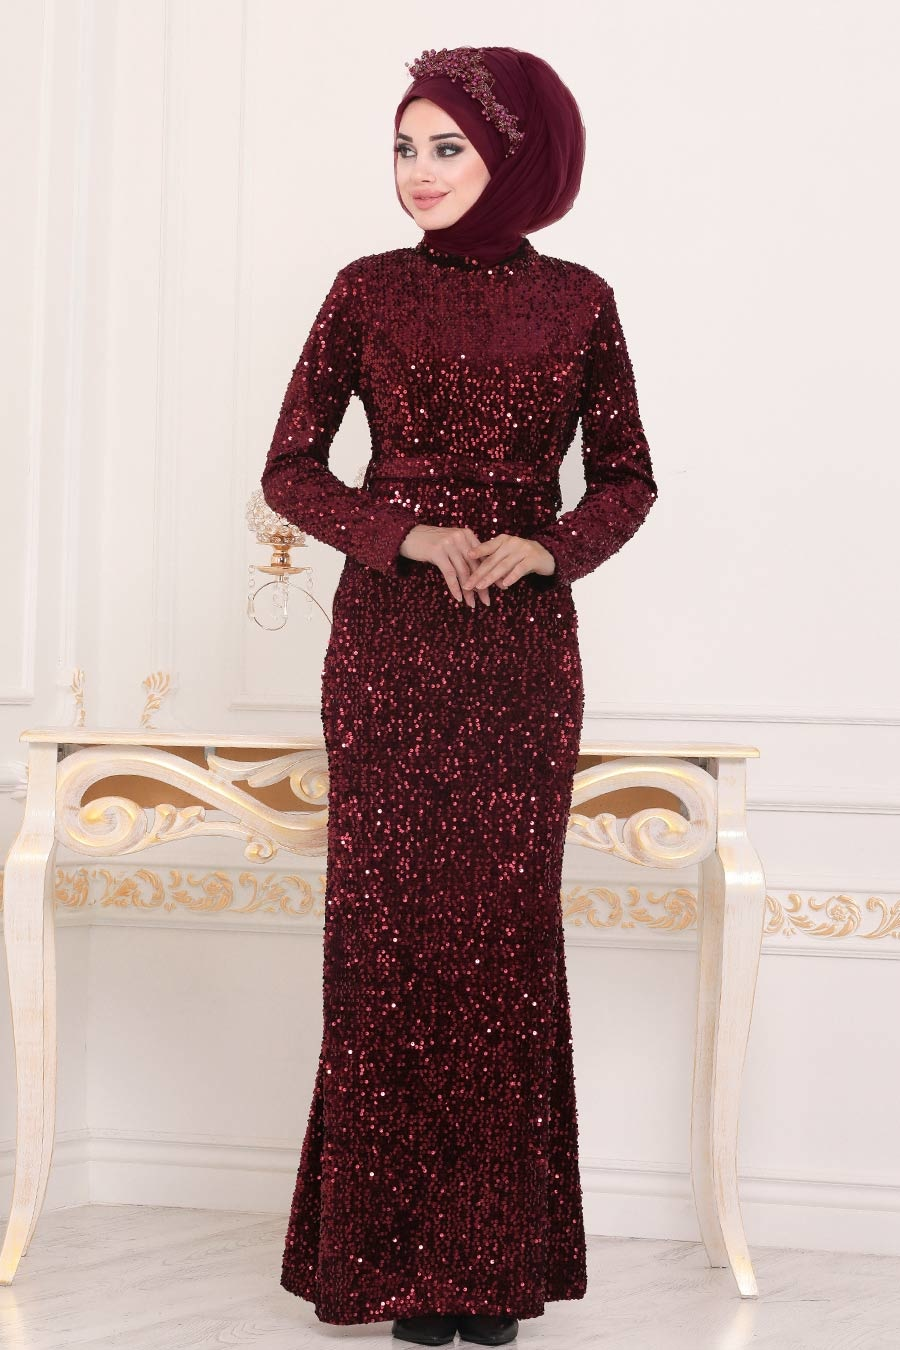 Tesettürlü Abiye Elbise - Pul Payetli Bordo Tesettür Abiye Elbise 8727BR